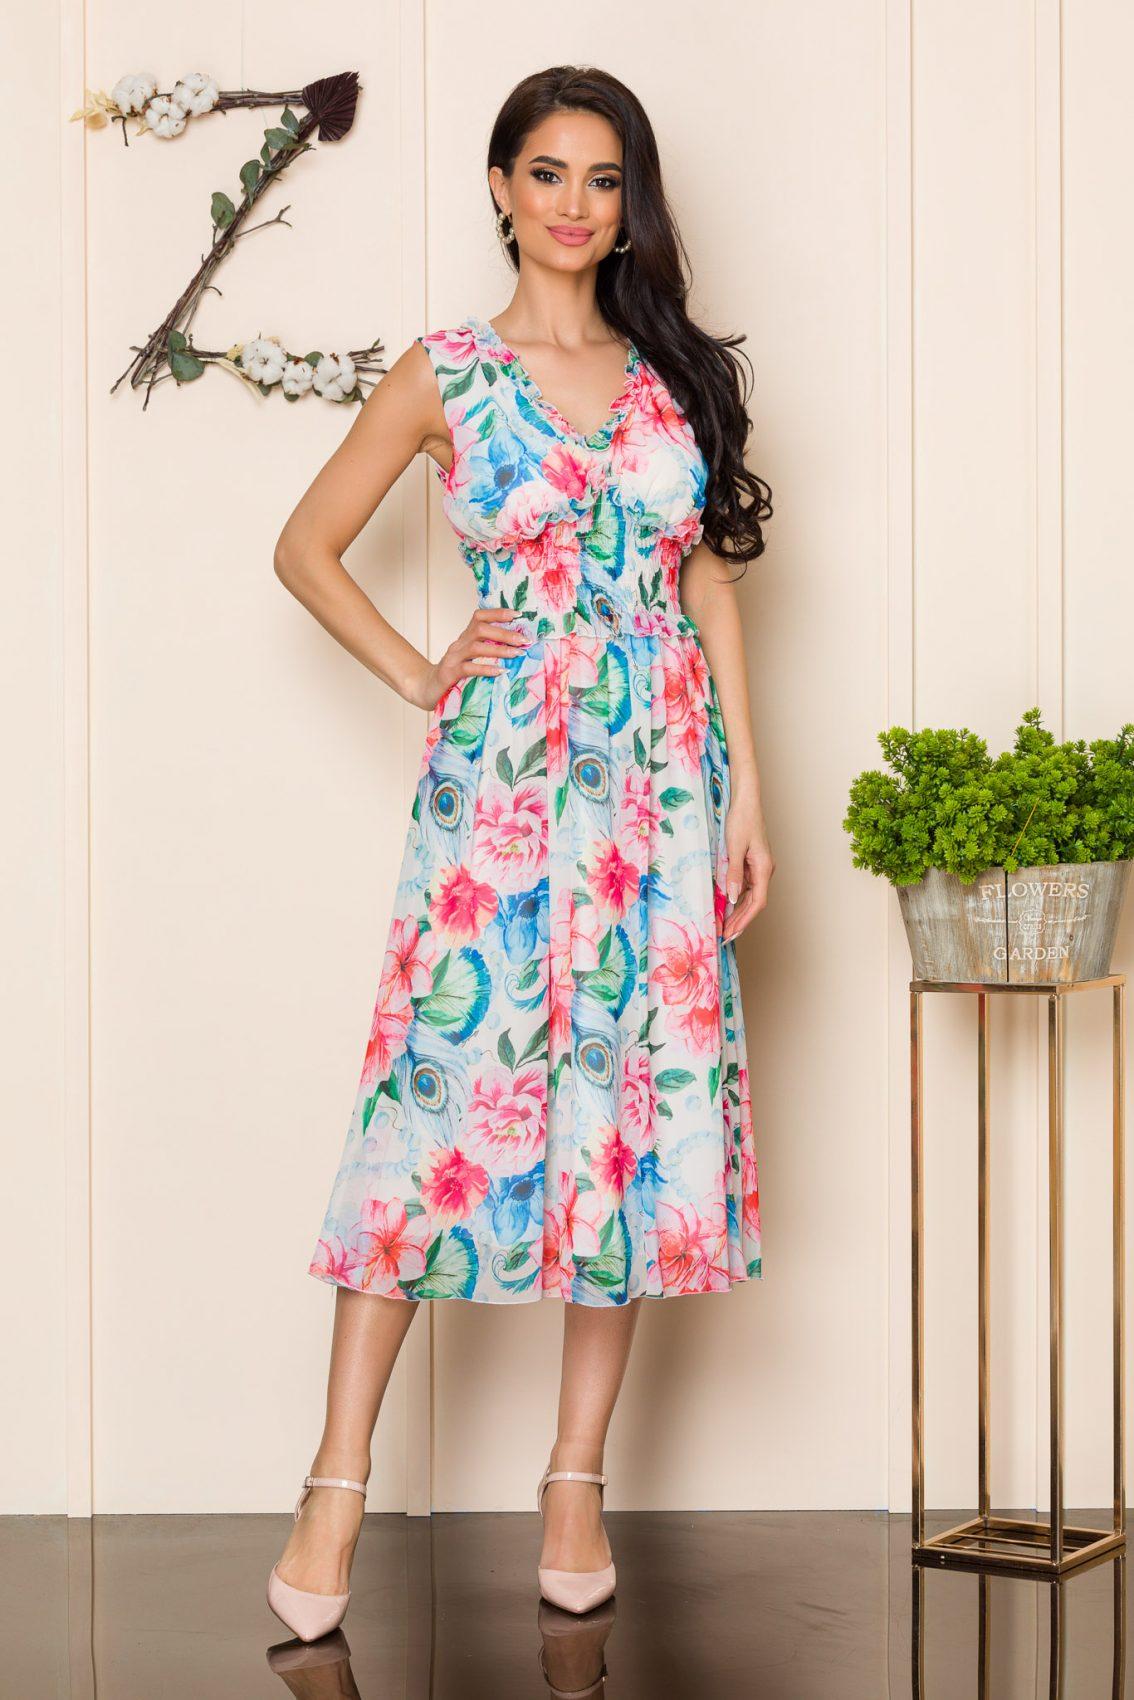 Ροζ Φλοράλ Αμάνικο Φόρεμα Imola A135 1